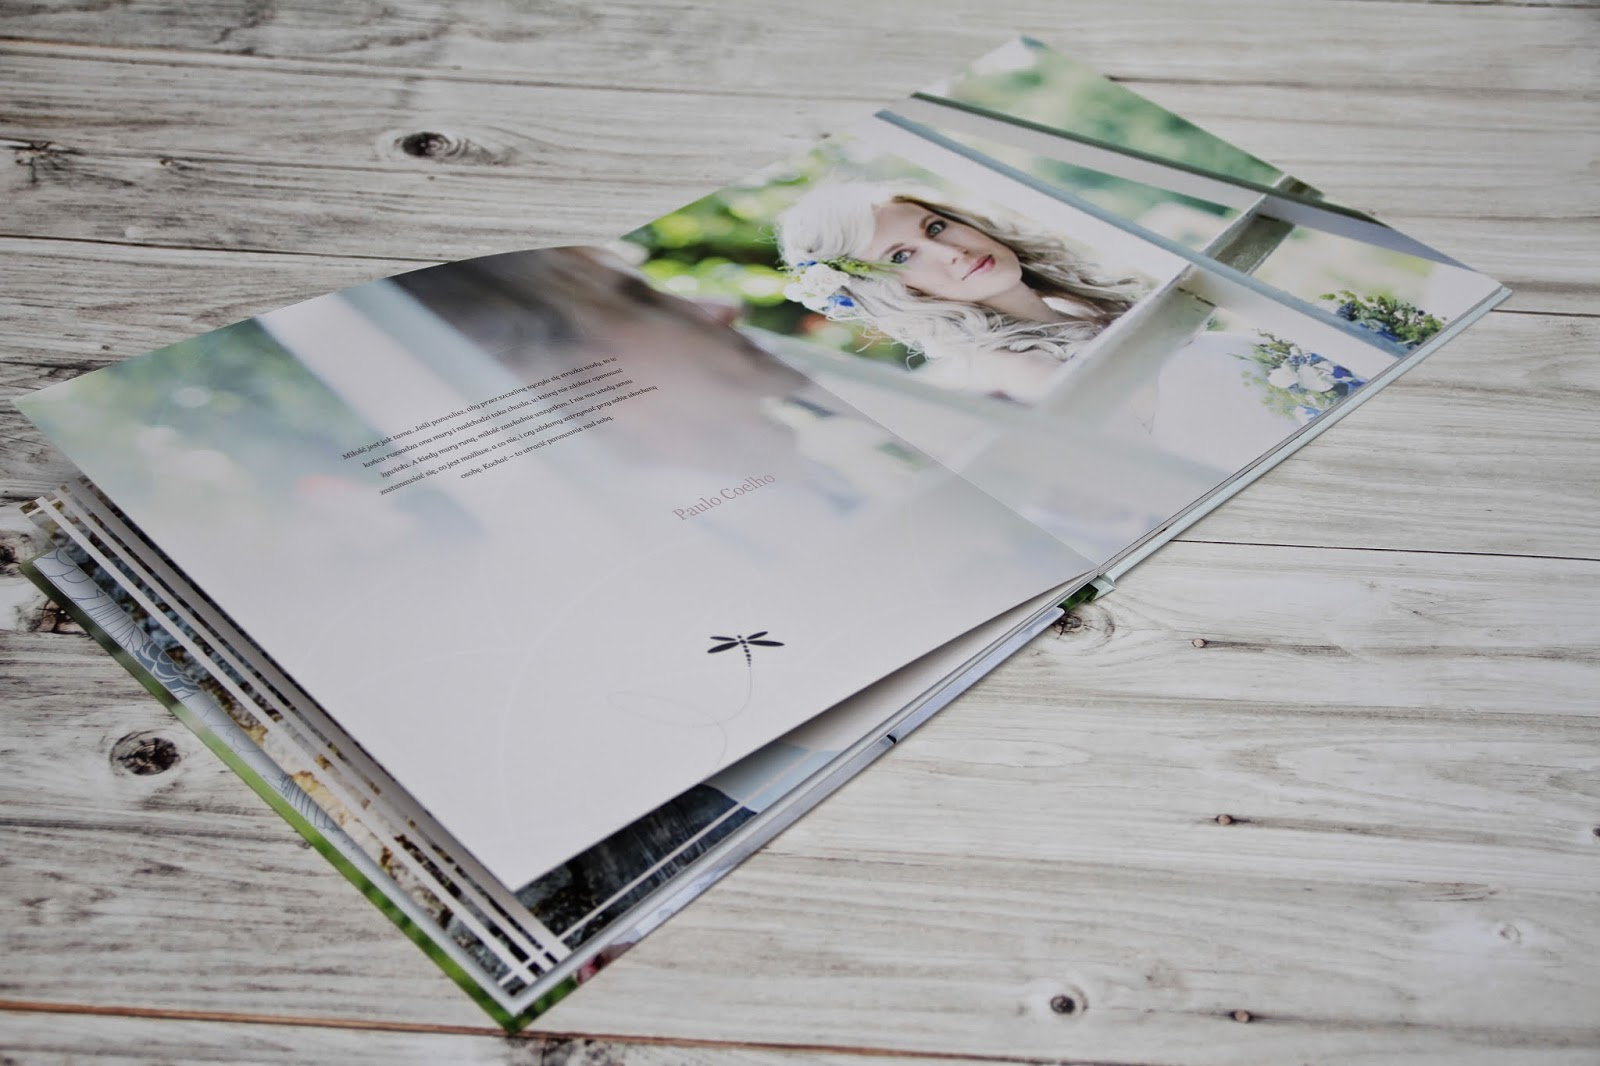 Fotoksiążka - grube, twarde karty albumowe